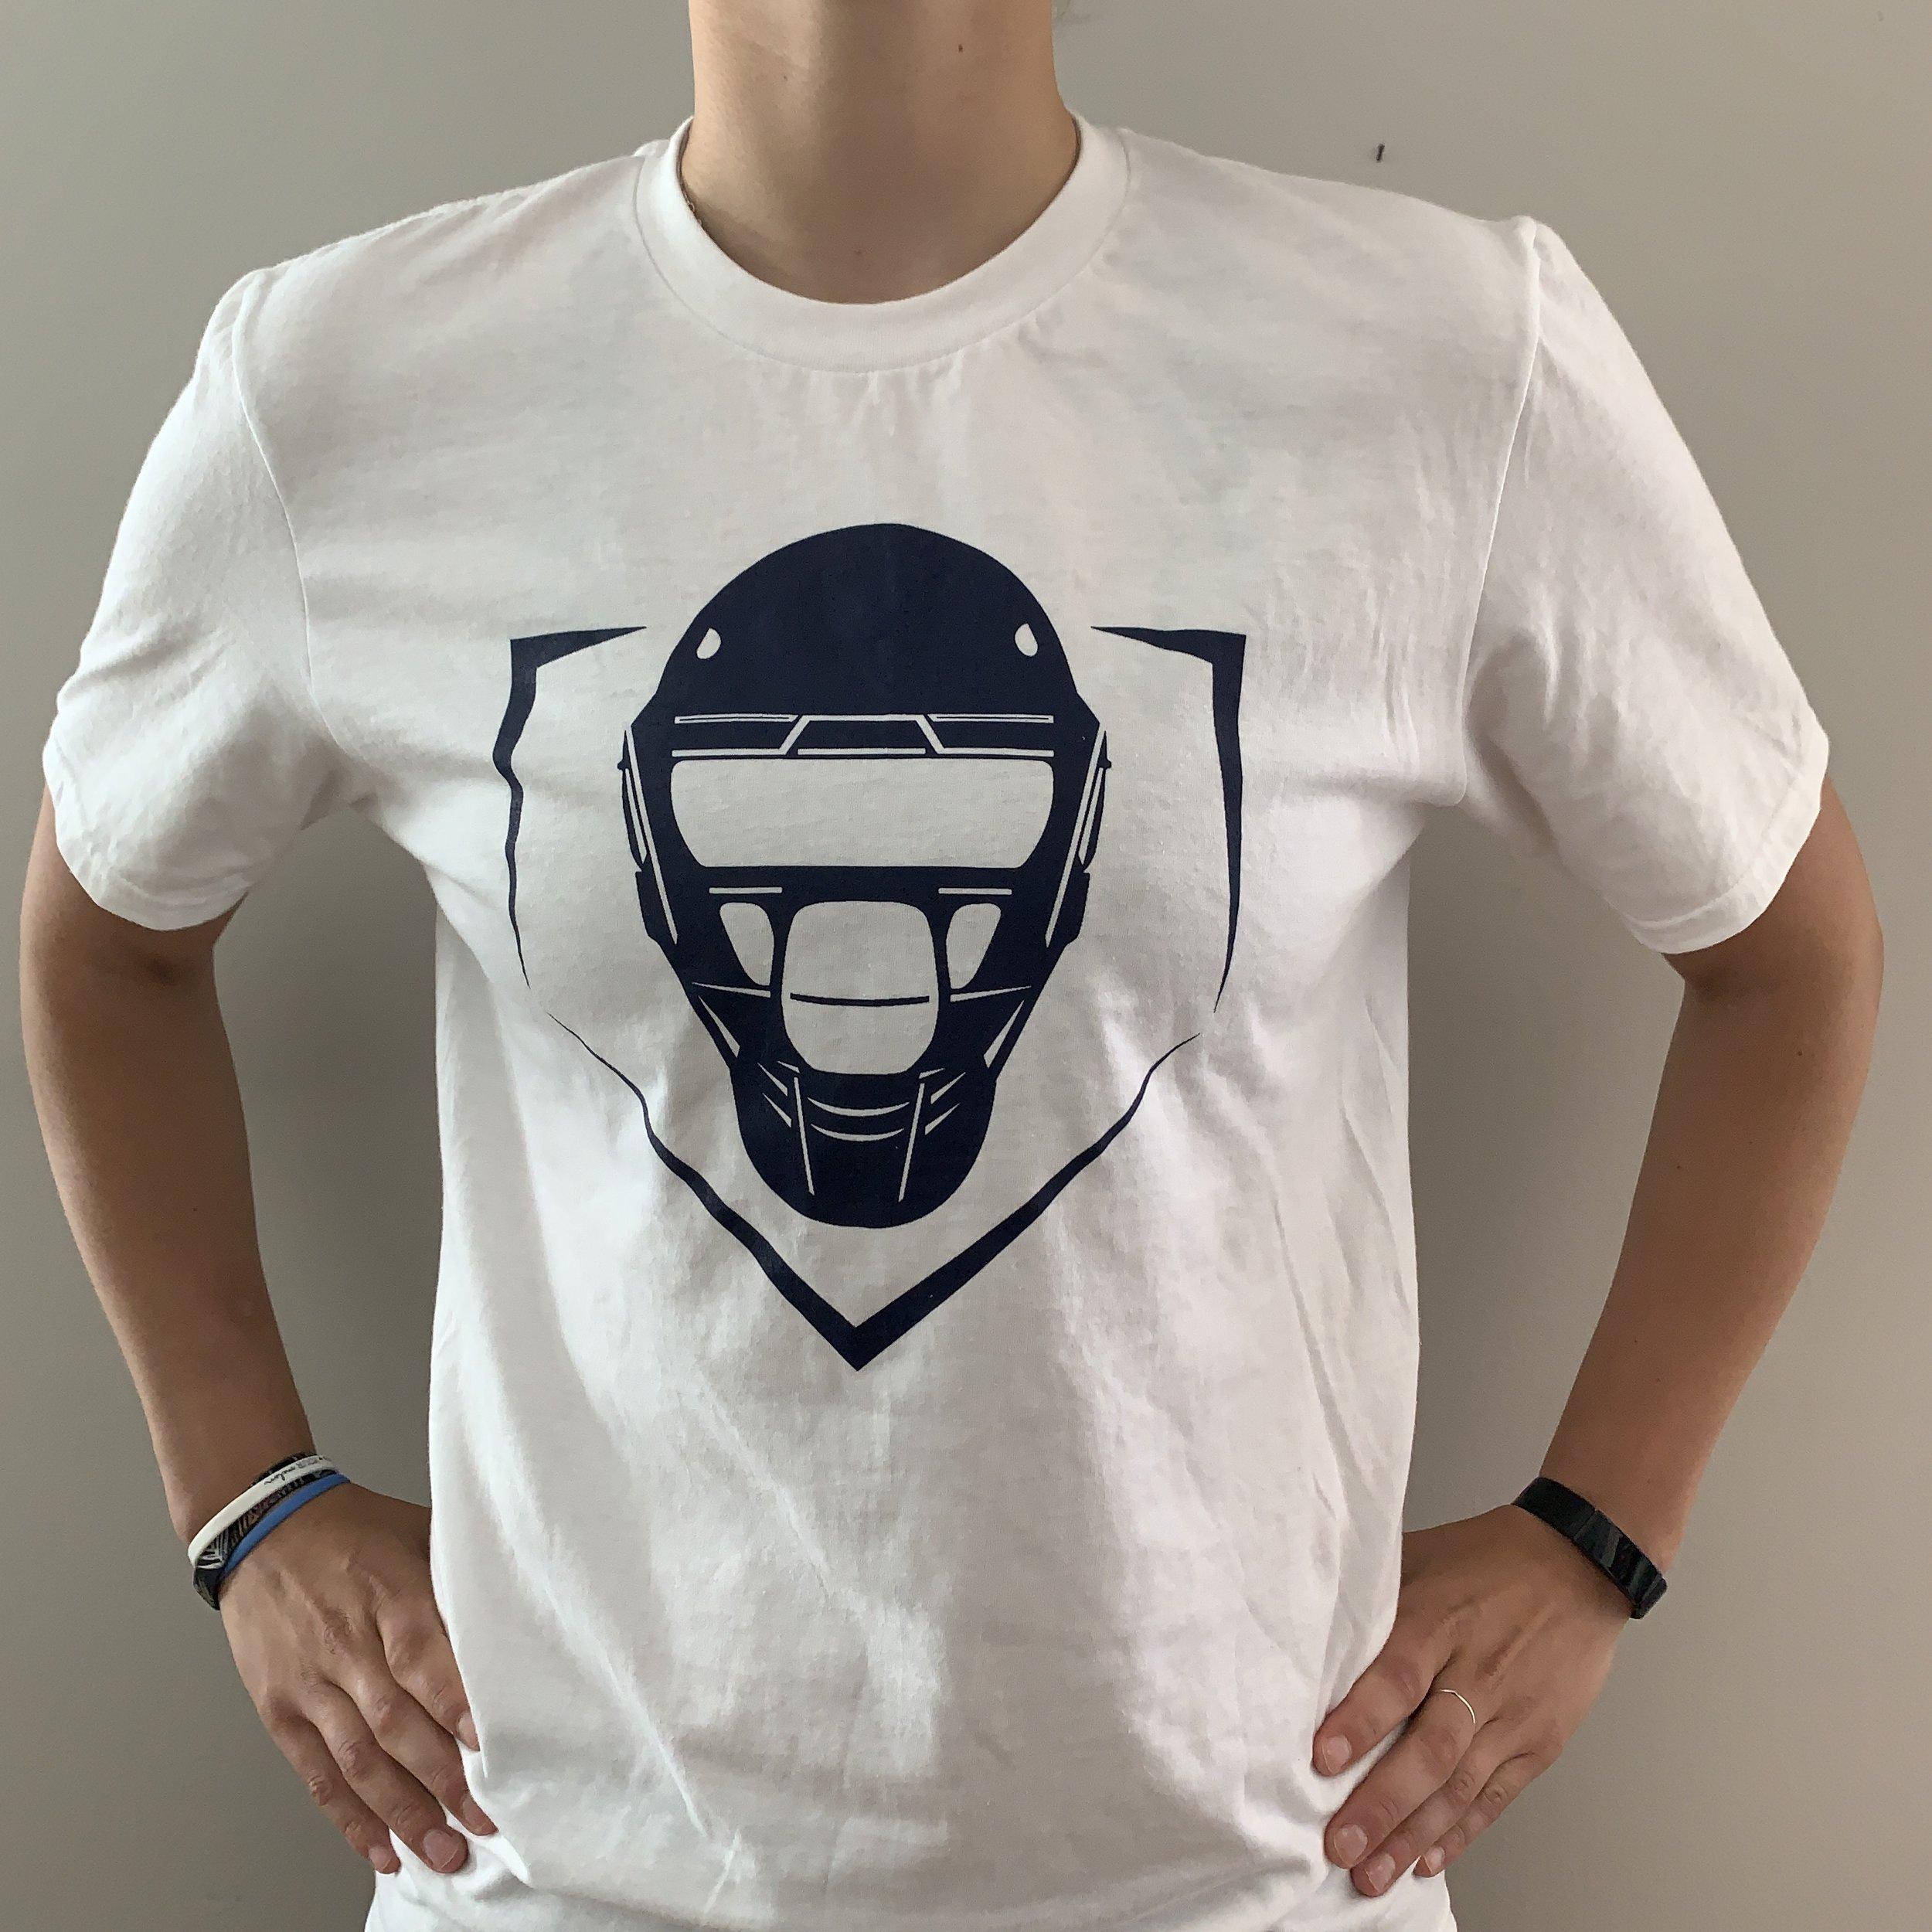 Plate Logo Cotton T-Shirt – White  $20